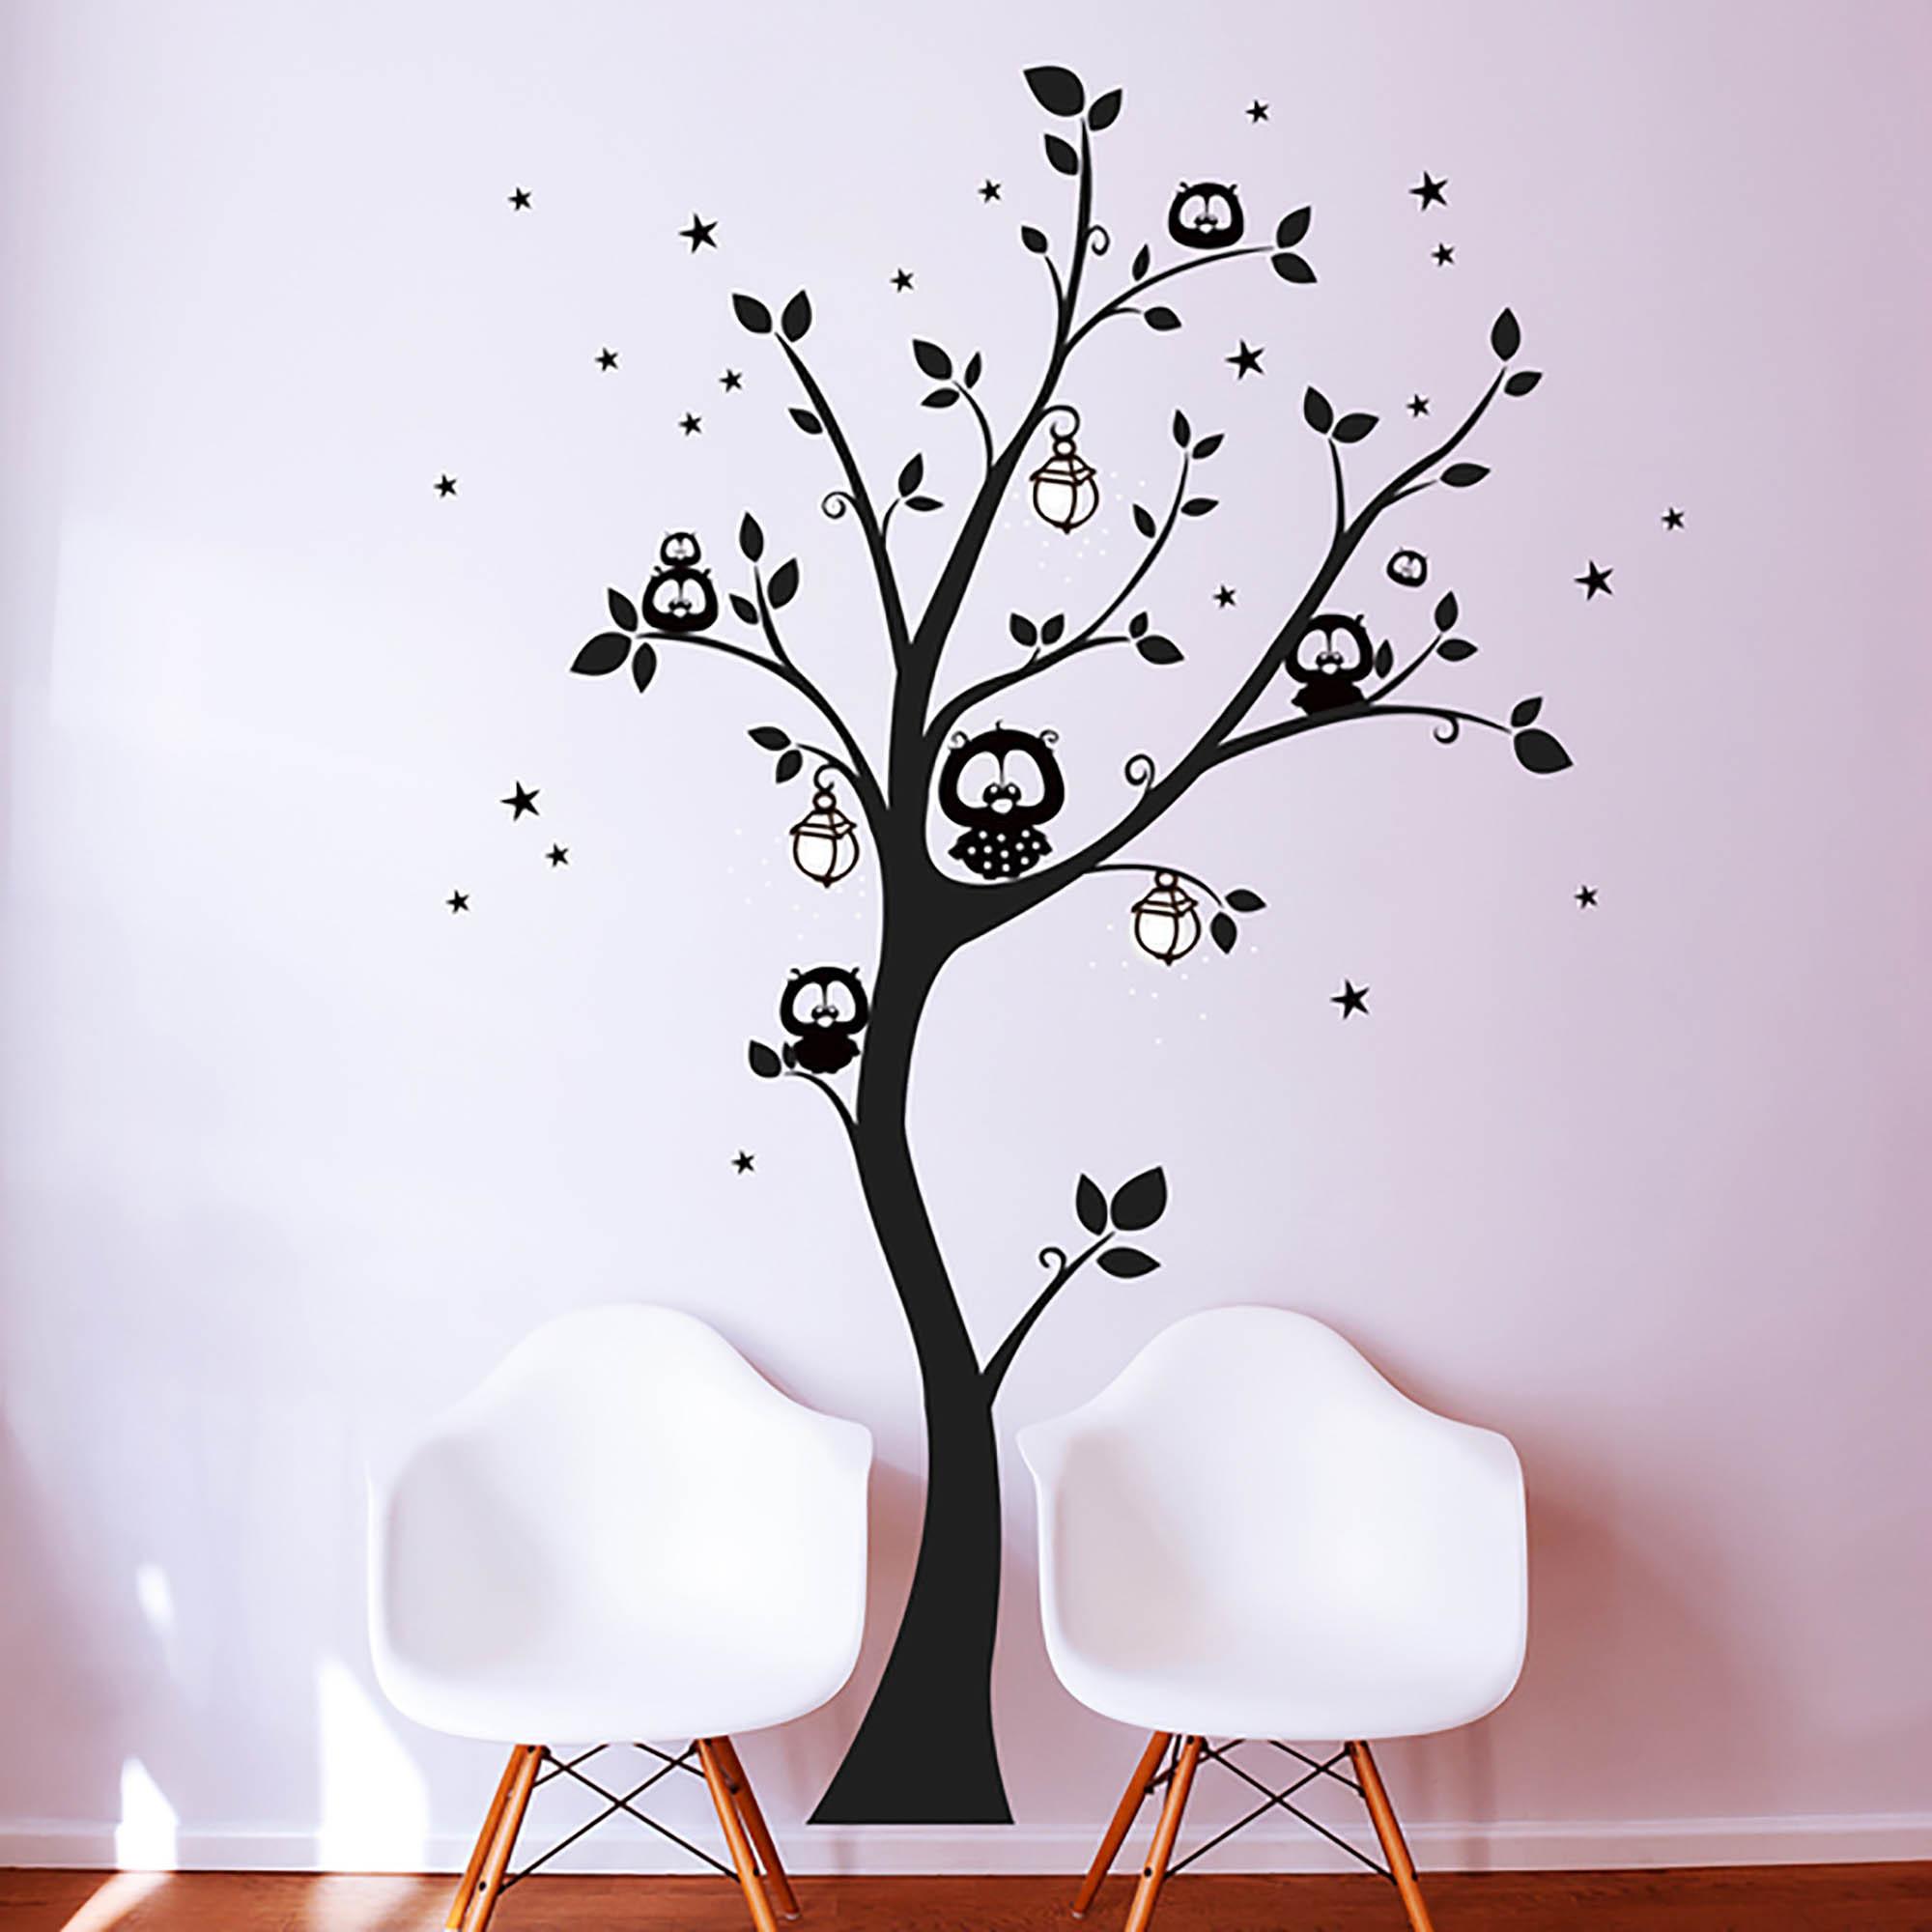 Wandtattoo Eulenbaum Eulen Auf Baum Mit Sternen Und Fluoreszierenden